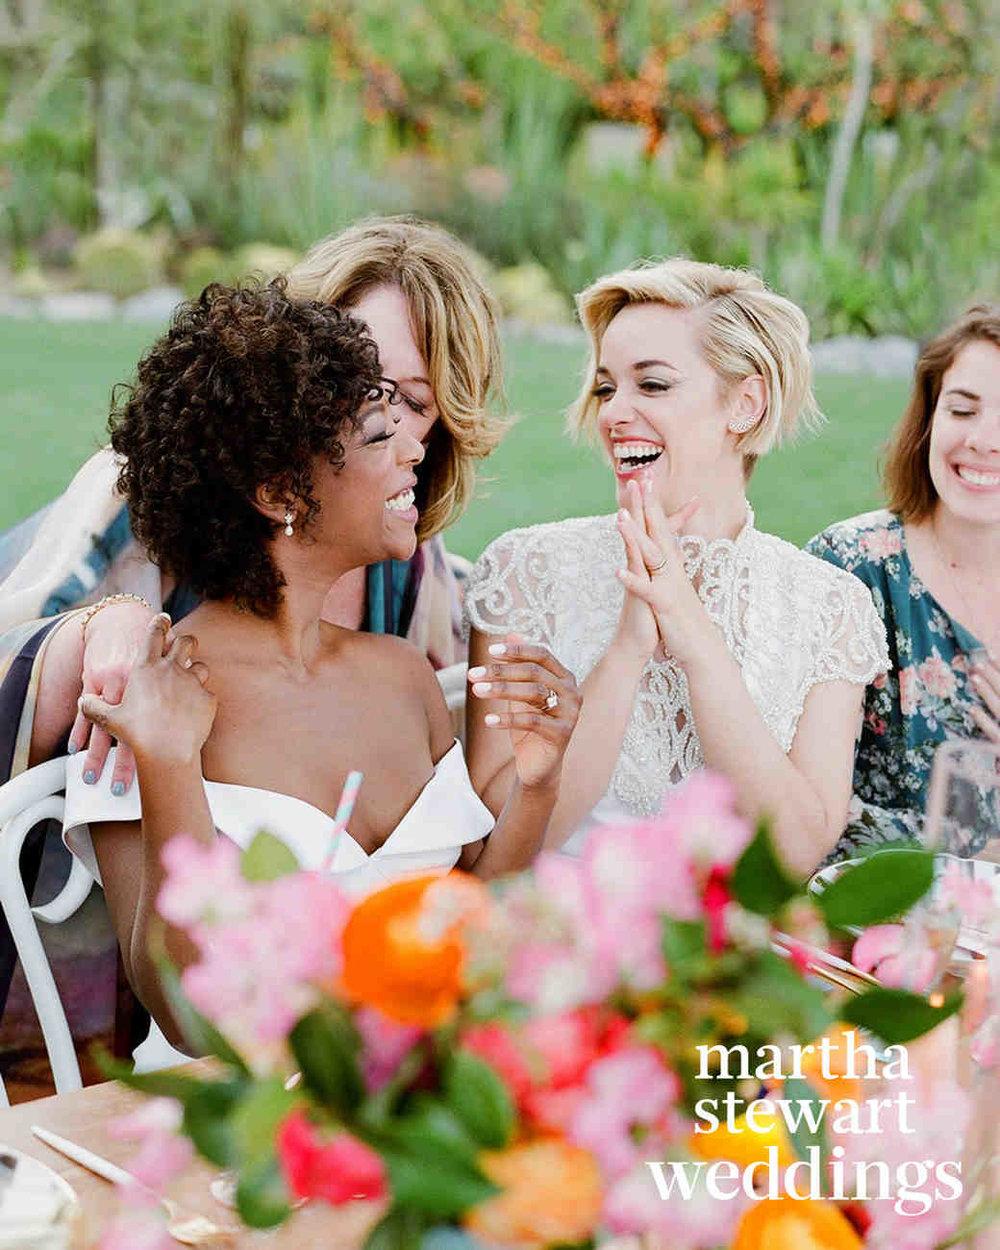 samira-wiley-lauren-morelli-wedding-mom-298-6328713-103018701_vert (1).jpg